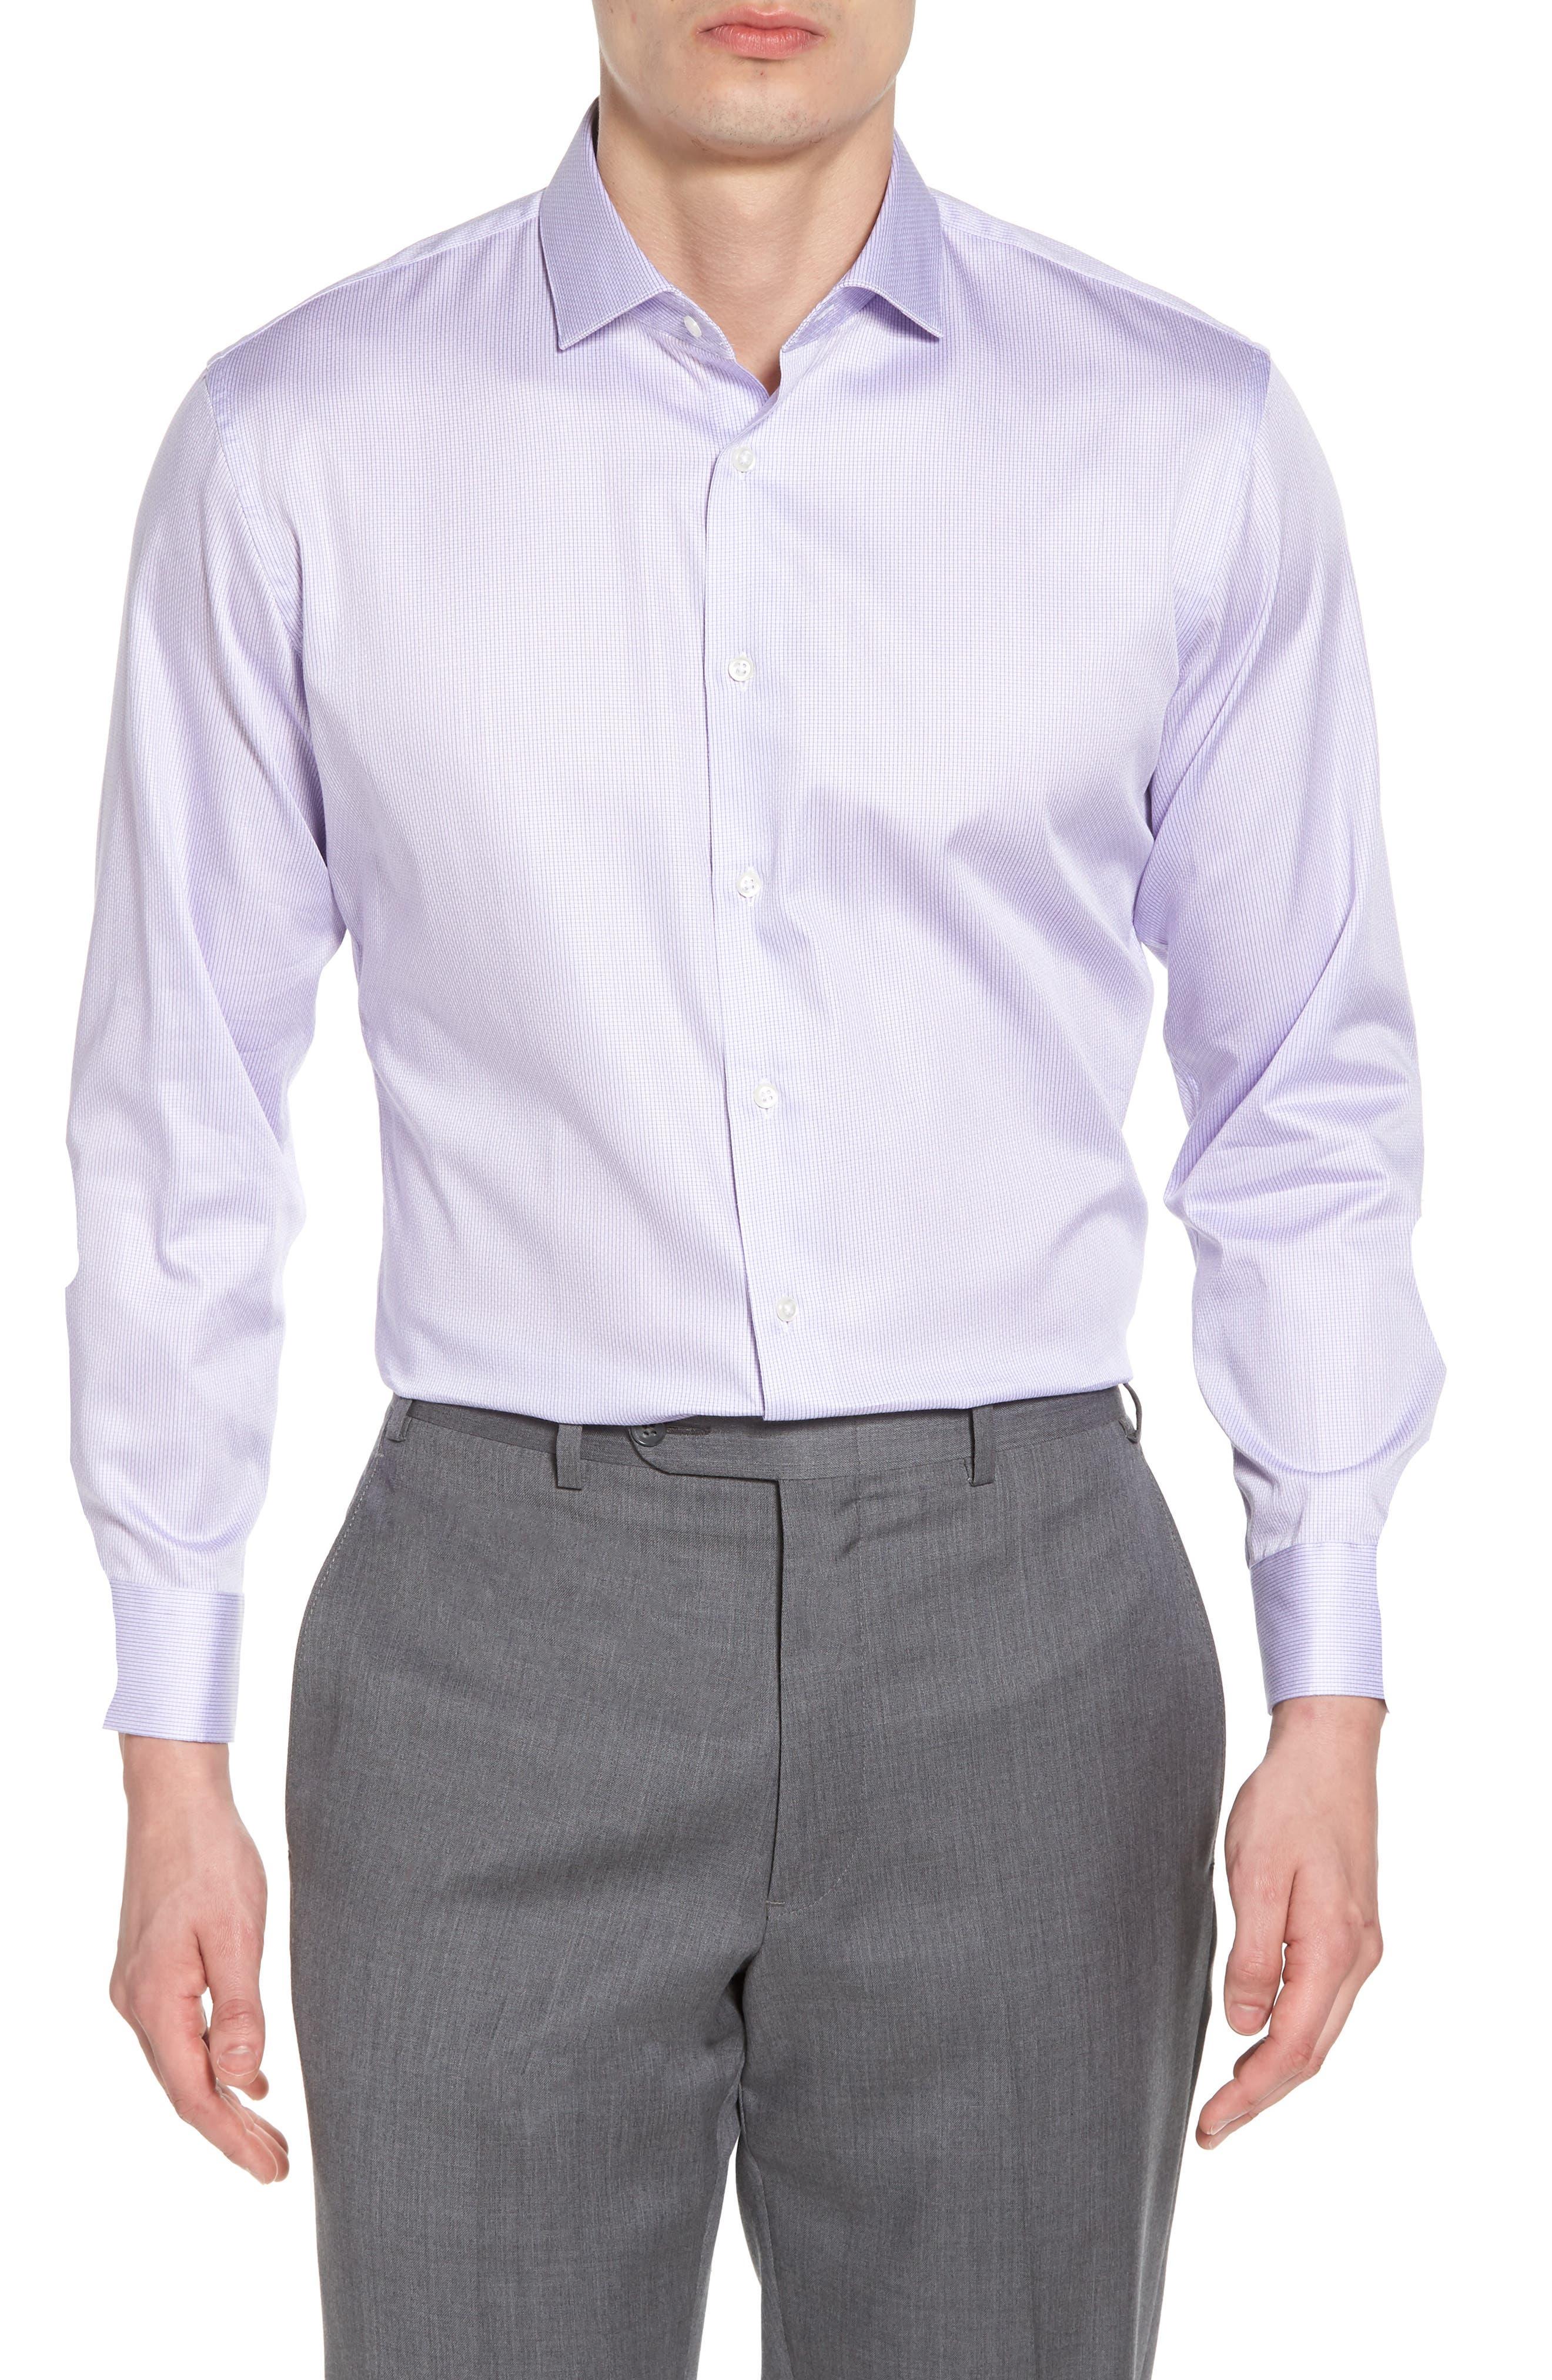 Alternate Image 1 Selected - Nordstrom Men's Shop Trim Fit Stripe Dress Shirt